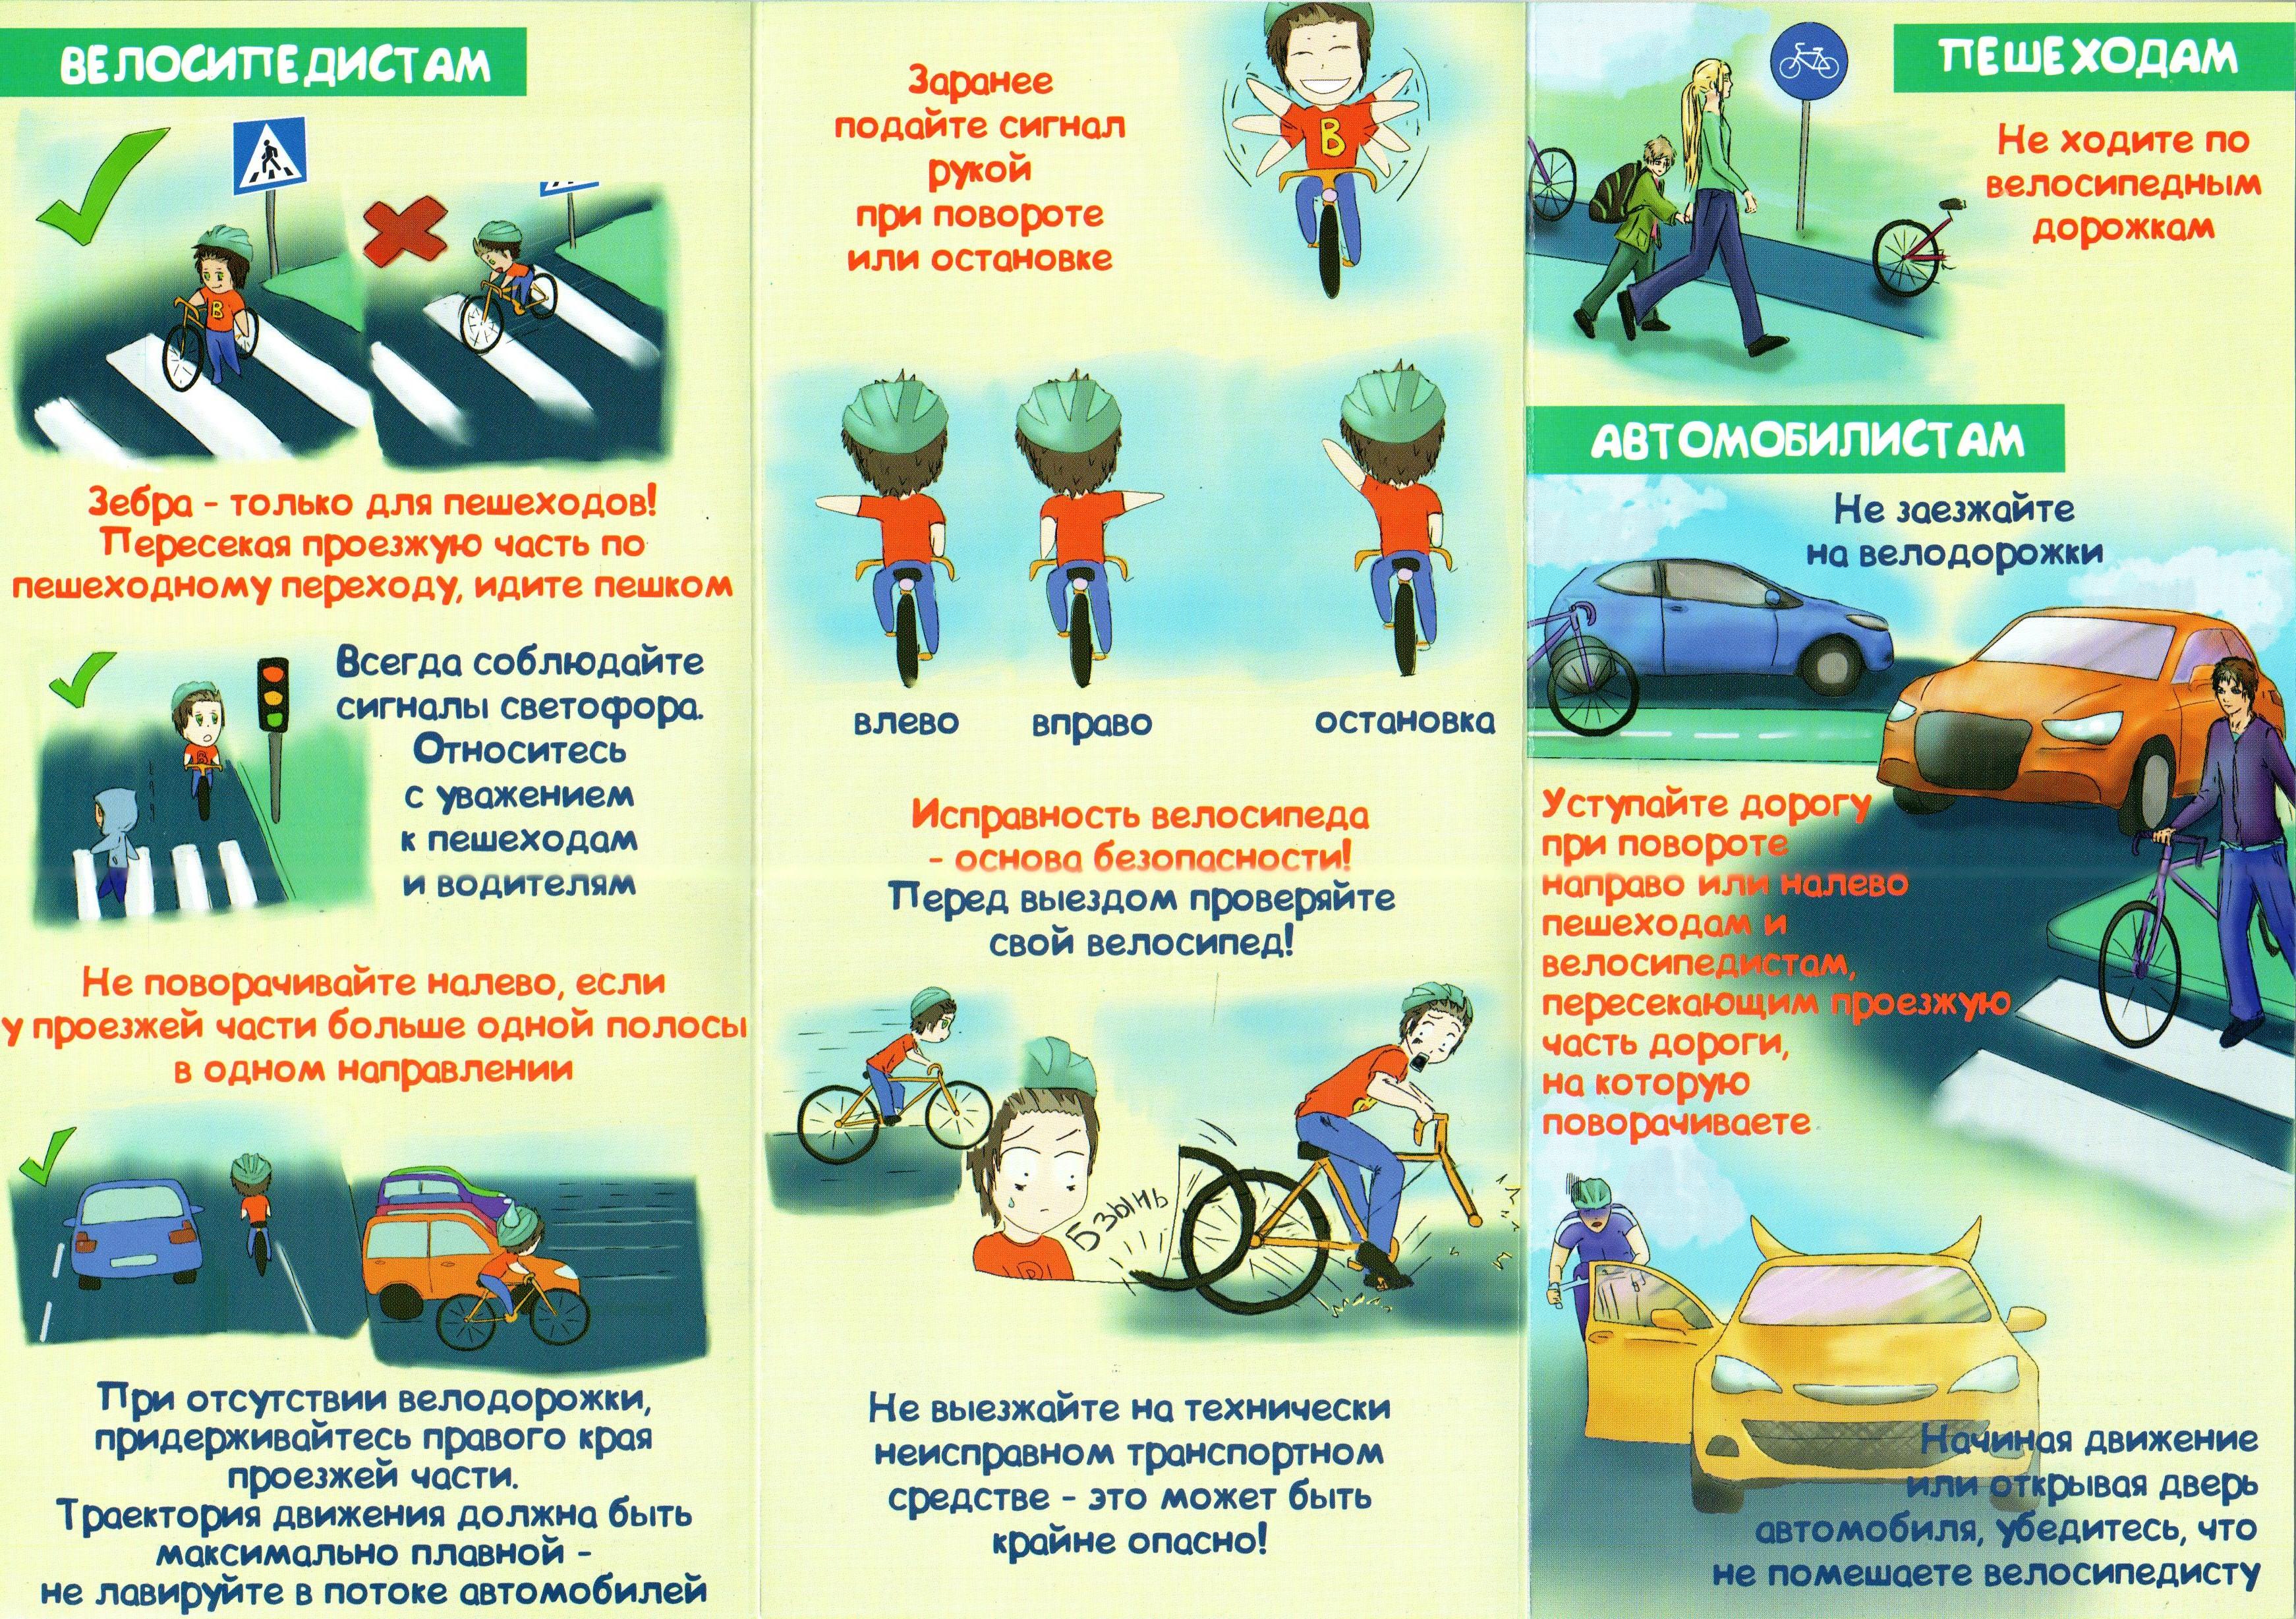 Правило движения для велосипедистов с картинками